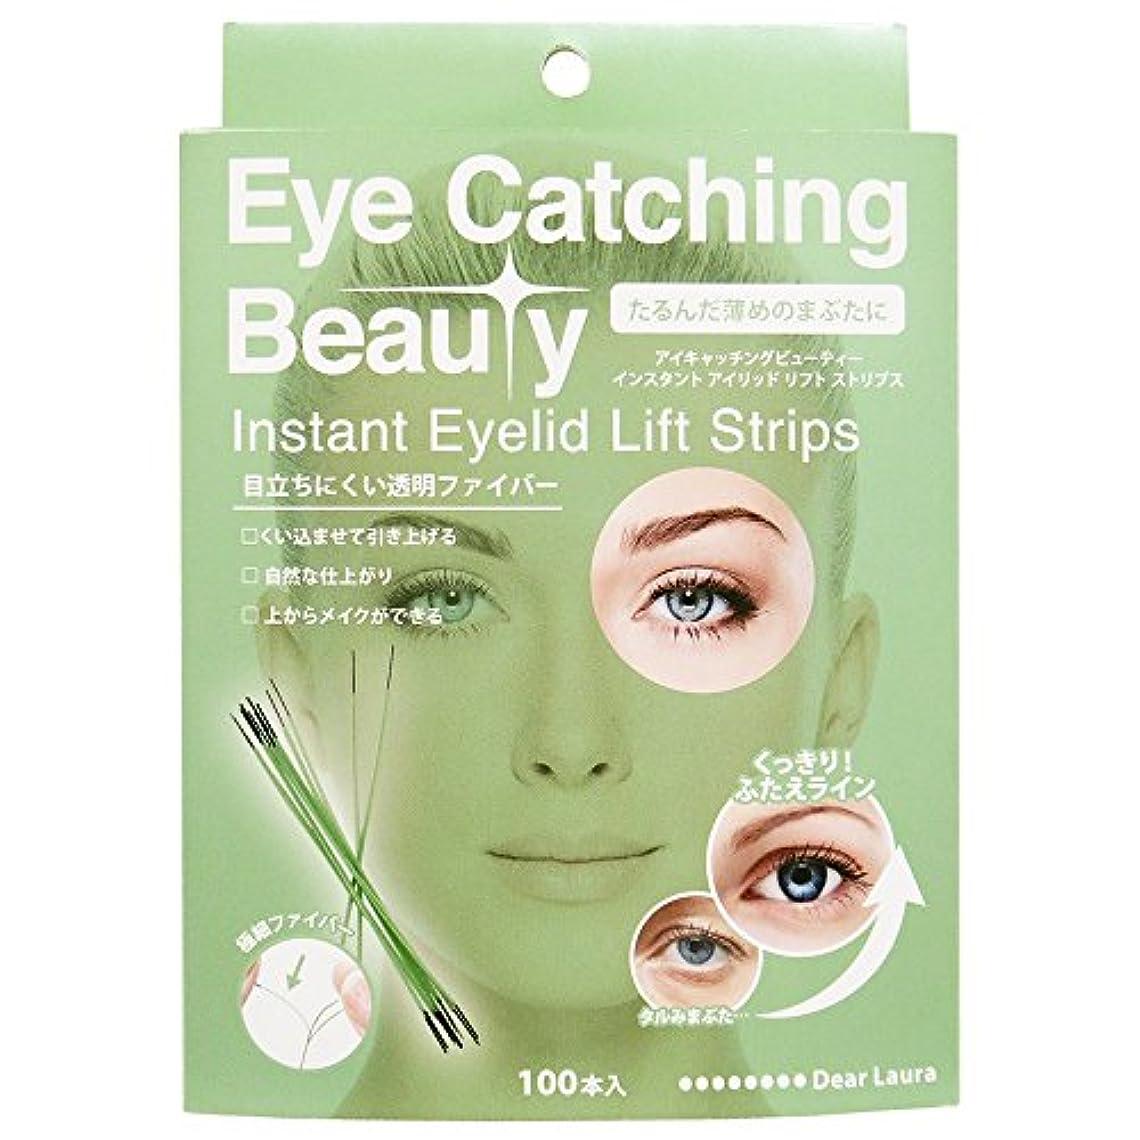 半島壁一時停止アイキャッチングビューティー (Eye Catching Beauty) インスタント アイリッド リフト ストリップス ECB-J03 100本